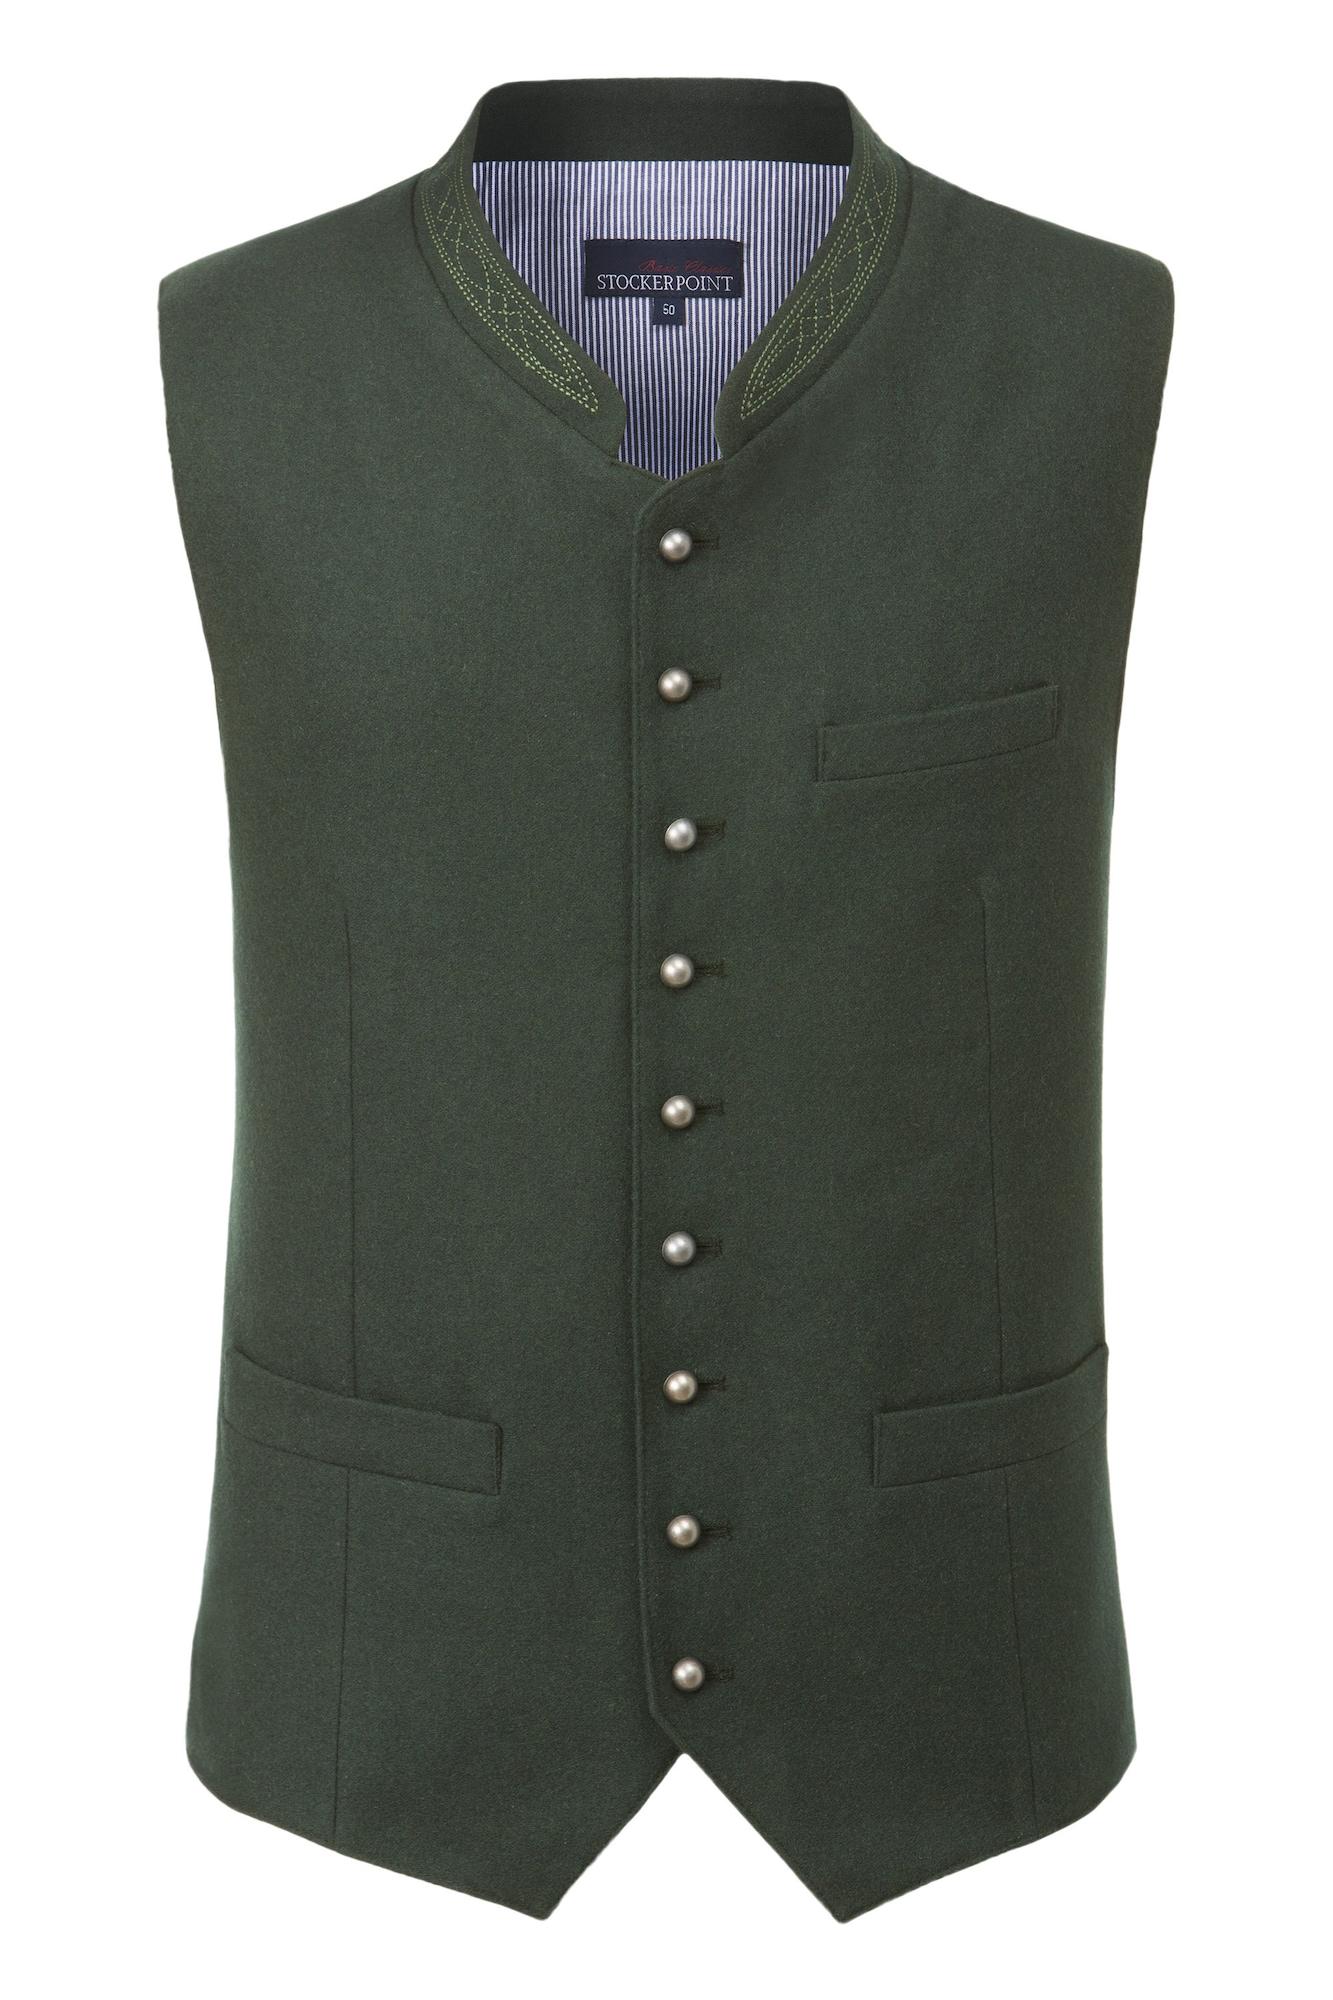 STOCKERPOINT Dalykinio stiliaus liemenė 'Levon' tamsiai žalia